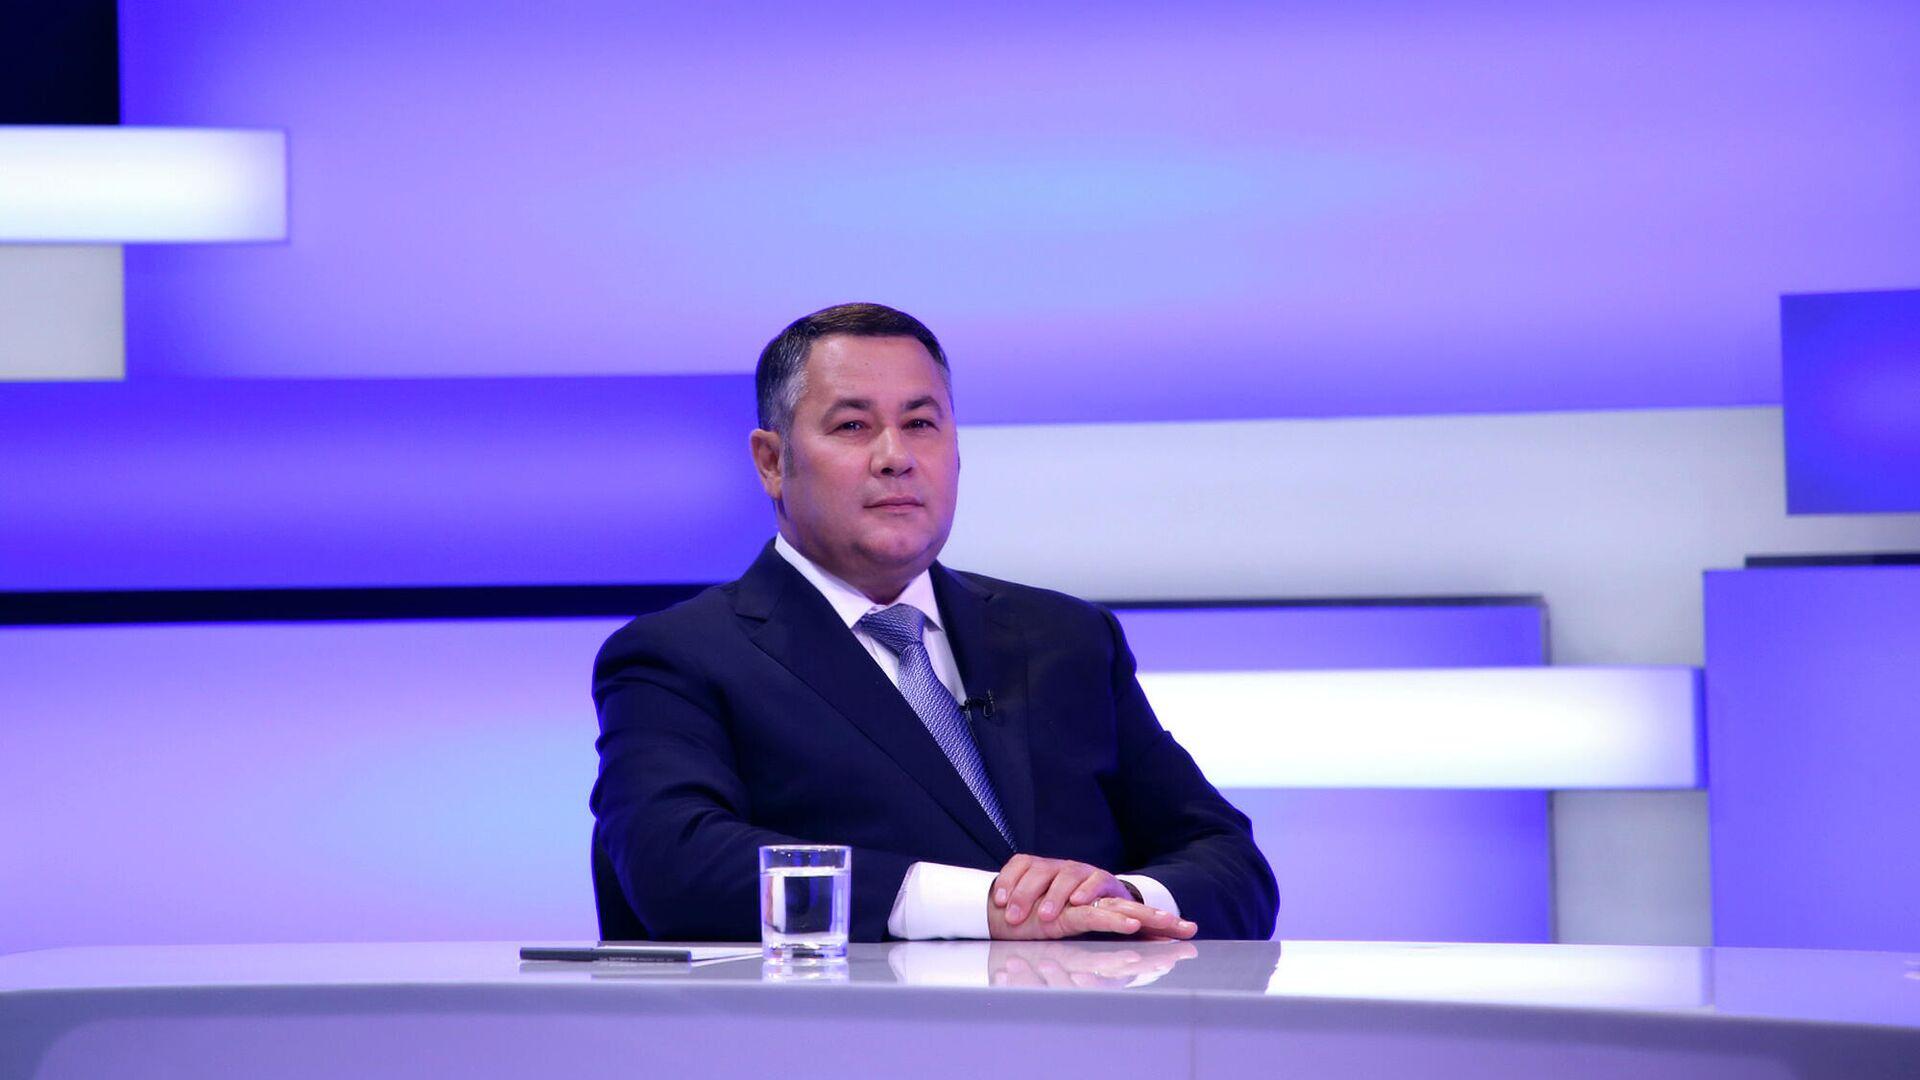 Мельниченко набирает 72,74 процента на выборах пензенского губернатора